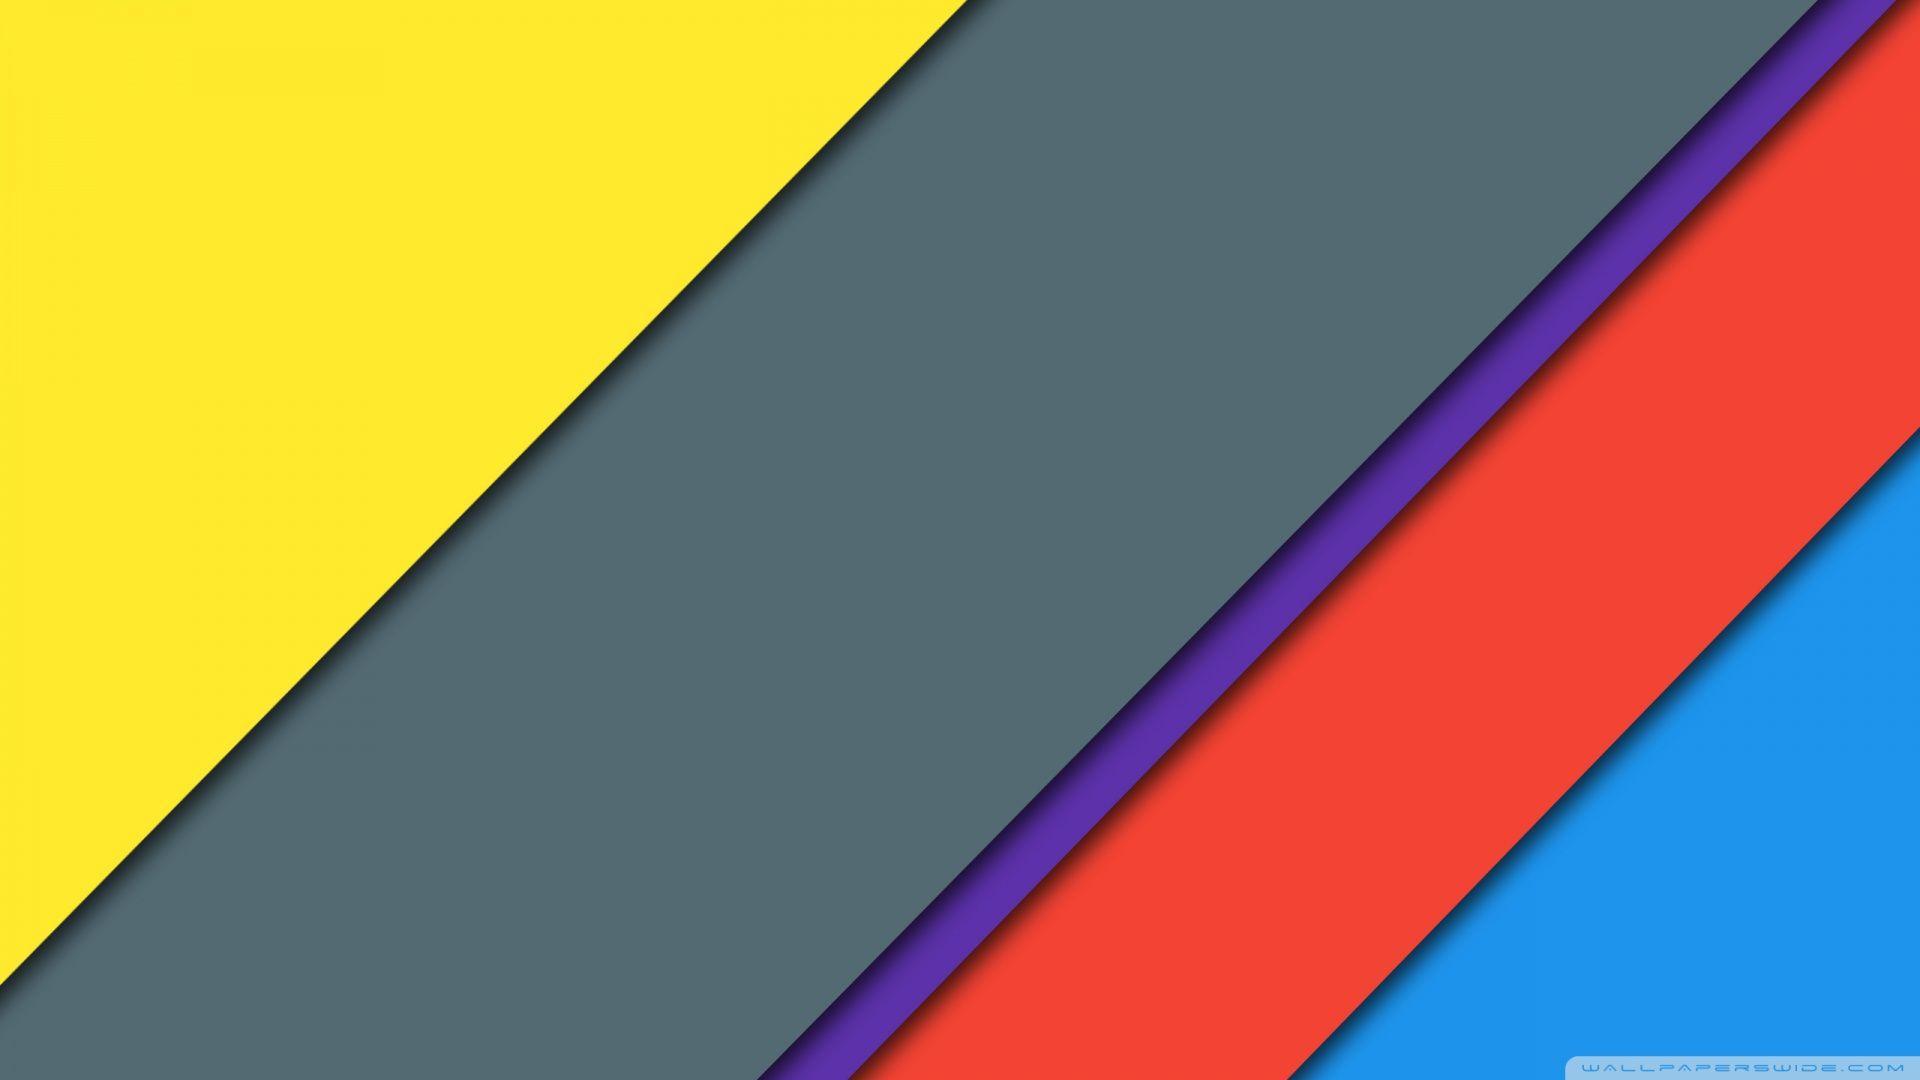 Material Design Hd Desktop Wallpaper 23164: Material Wallpapers